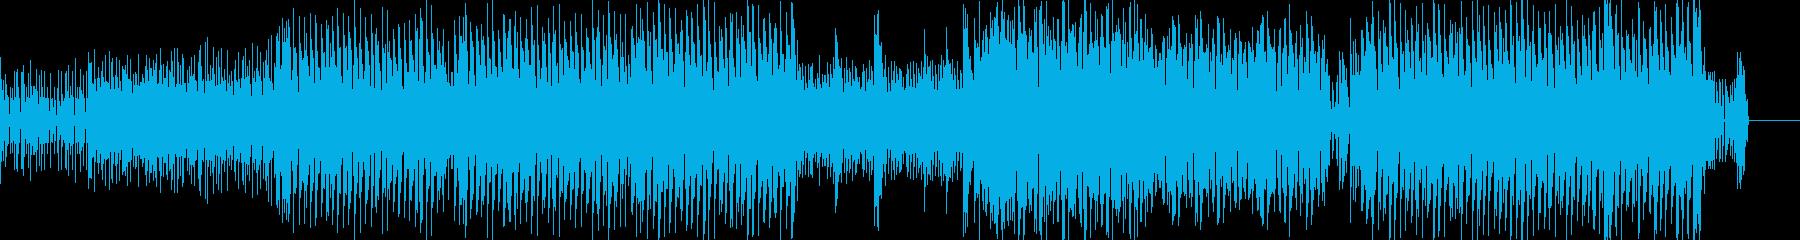 レトロゲームのイメージの楽曲ですの再生済みの波形